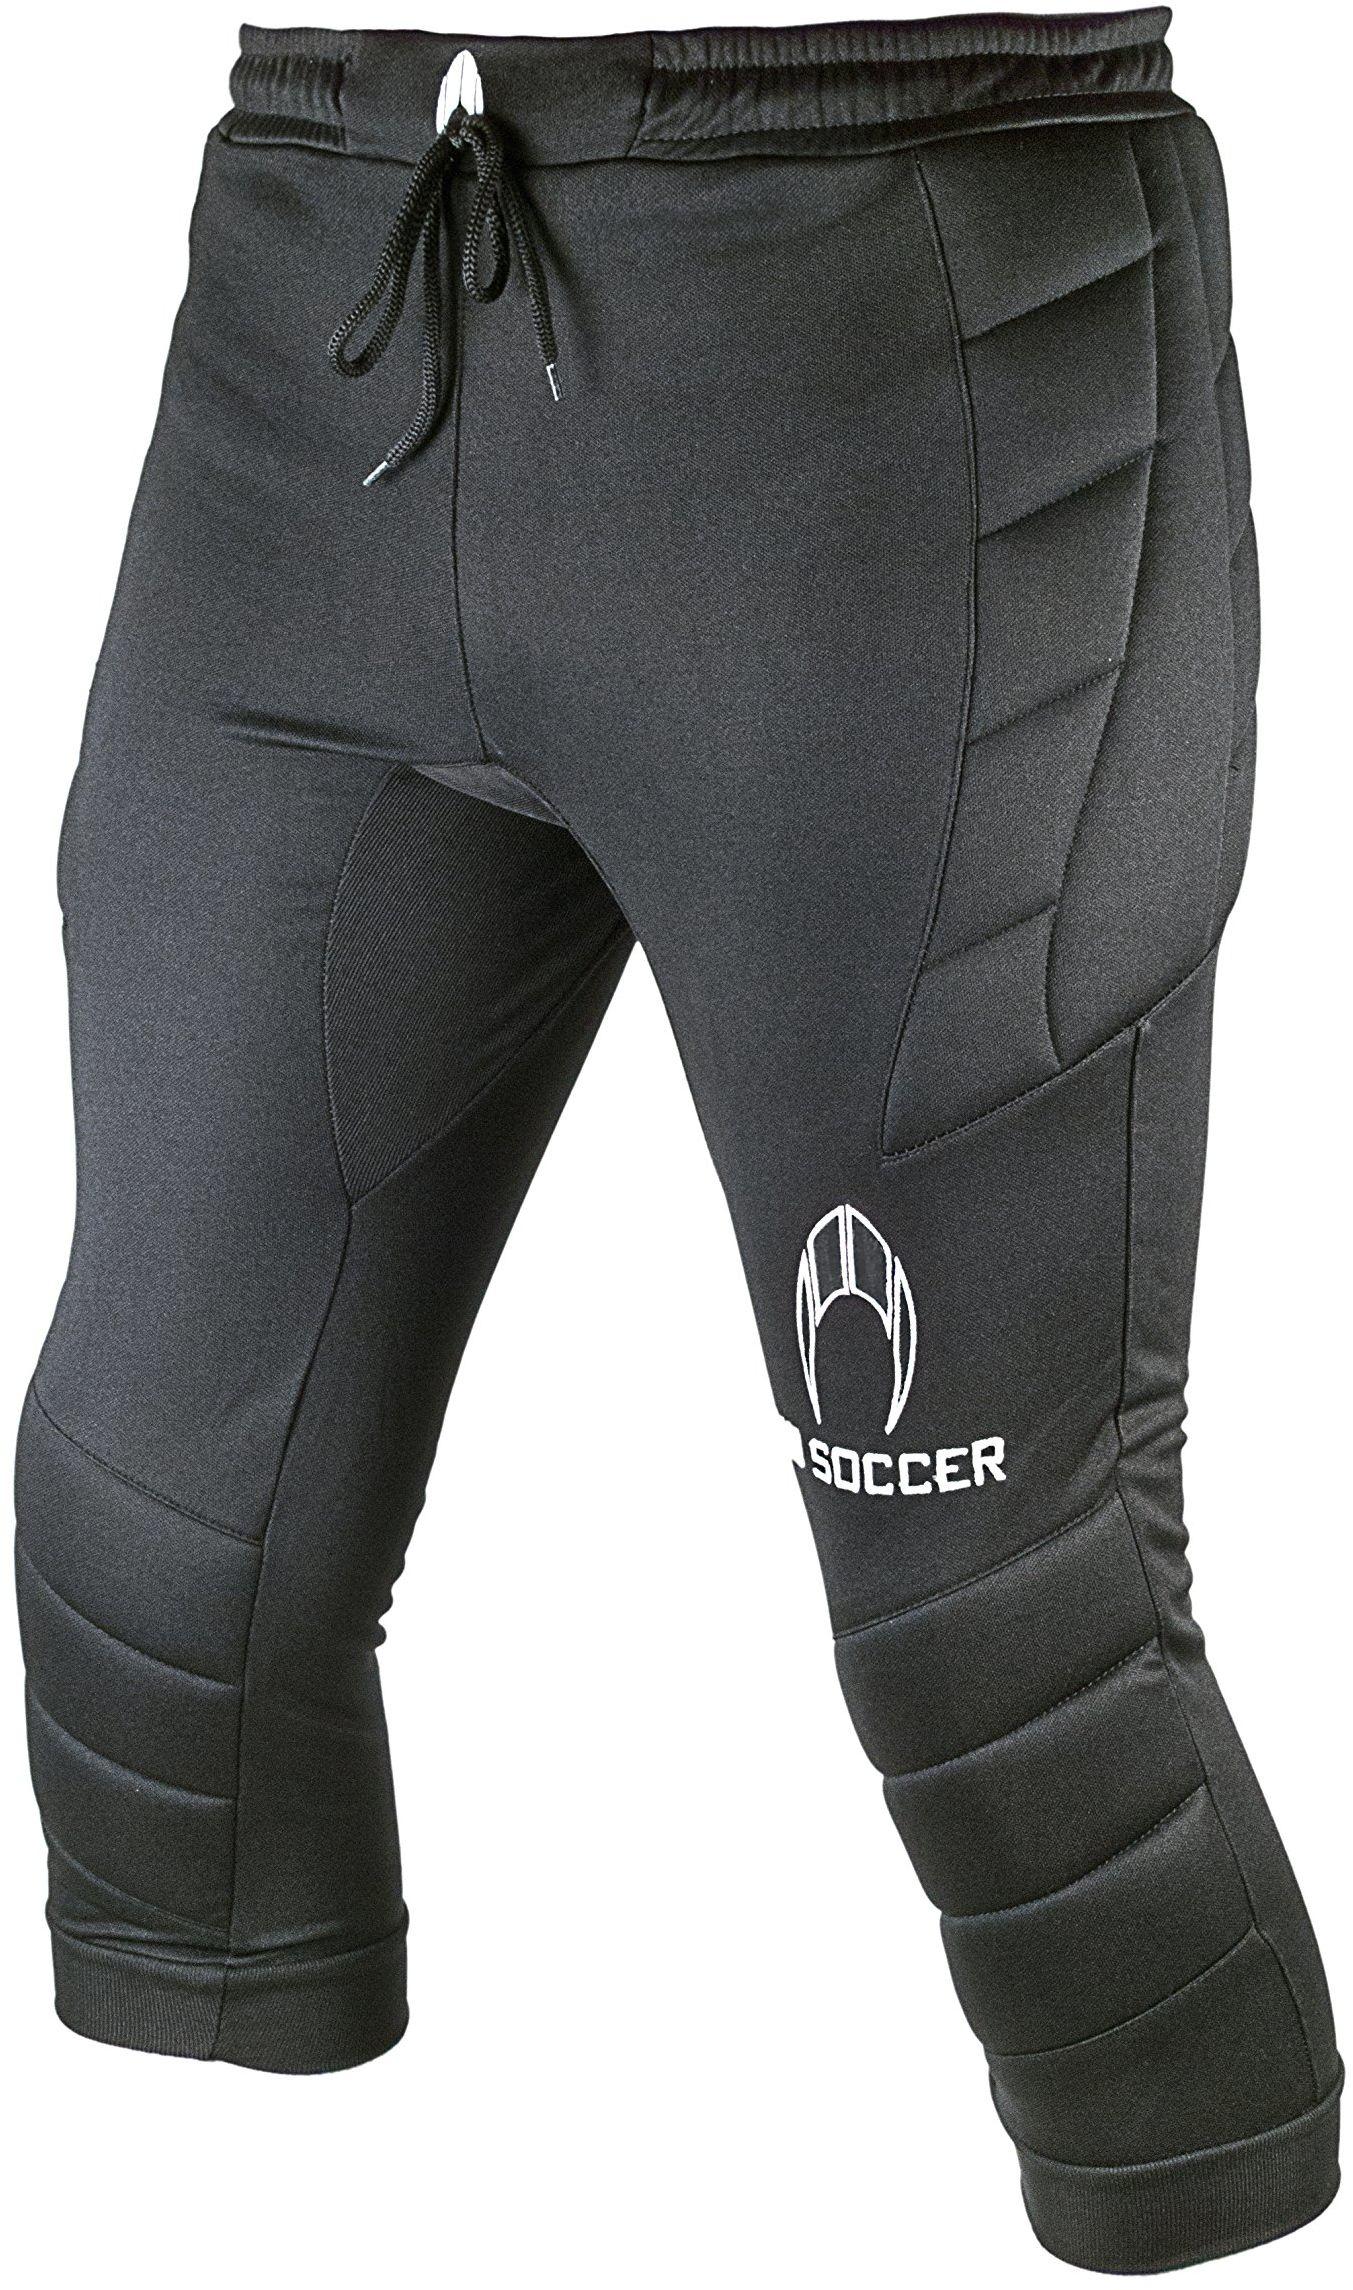 Ho Soccer Torwart 3/4 spodnie z logo, uniseks, dla dzieci, XS czarne